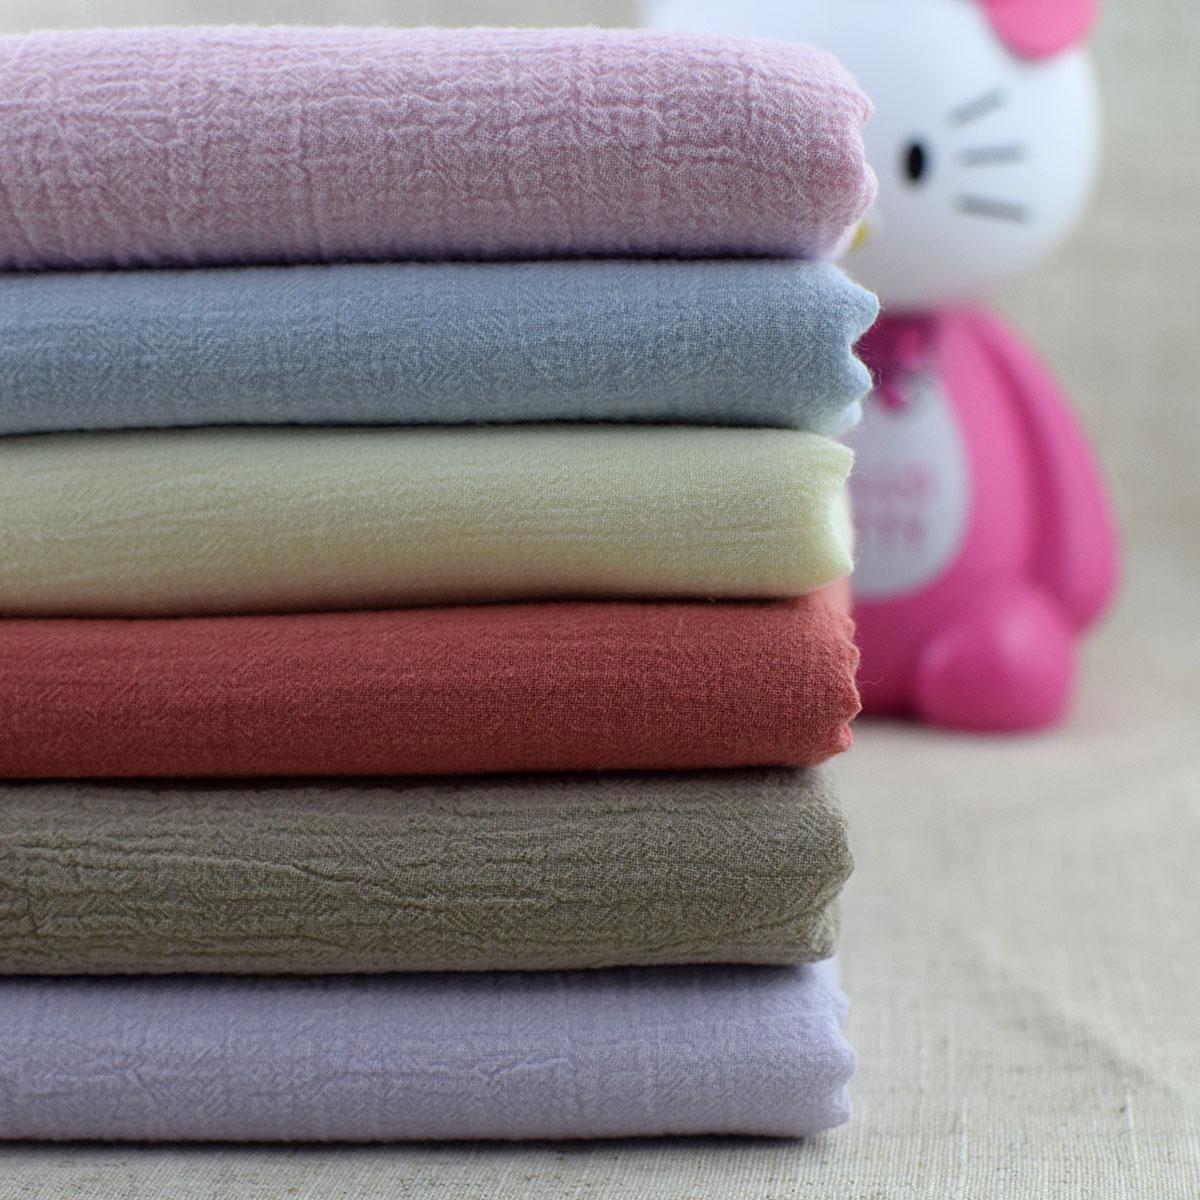 肌理褶皱棉麻纱布绉布宝宝衣服布料亚麻女装裙子围巾窗帘面料包邮